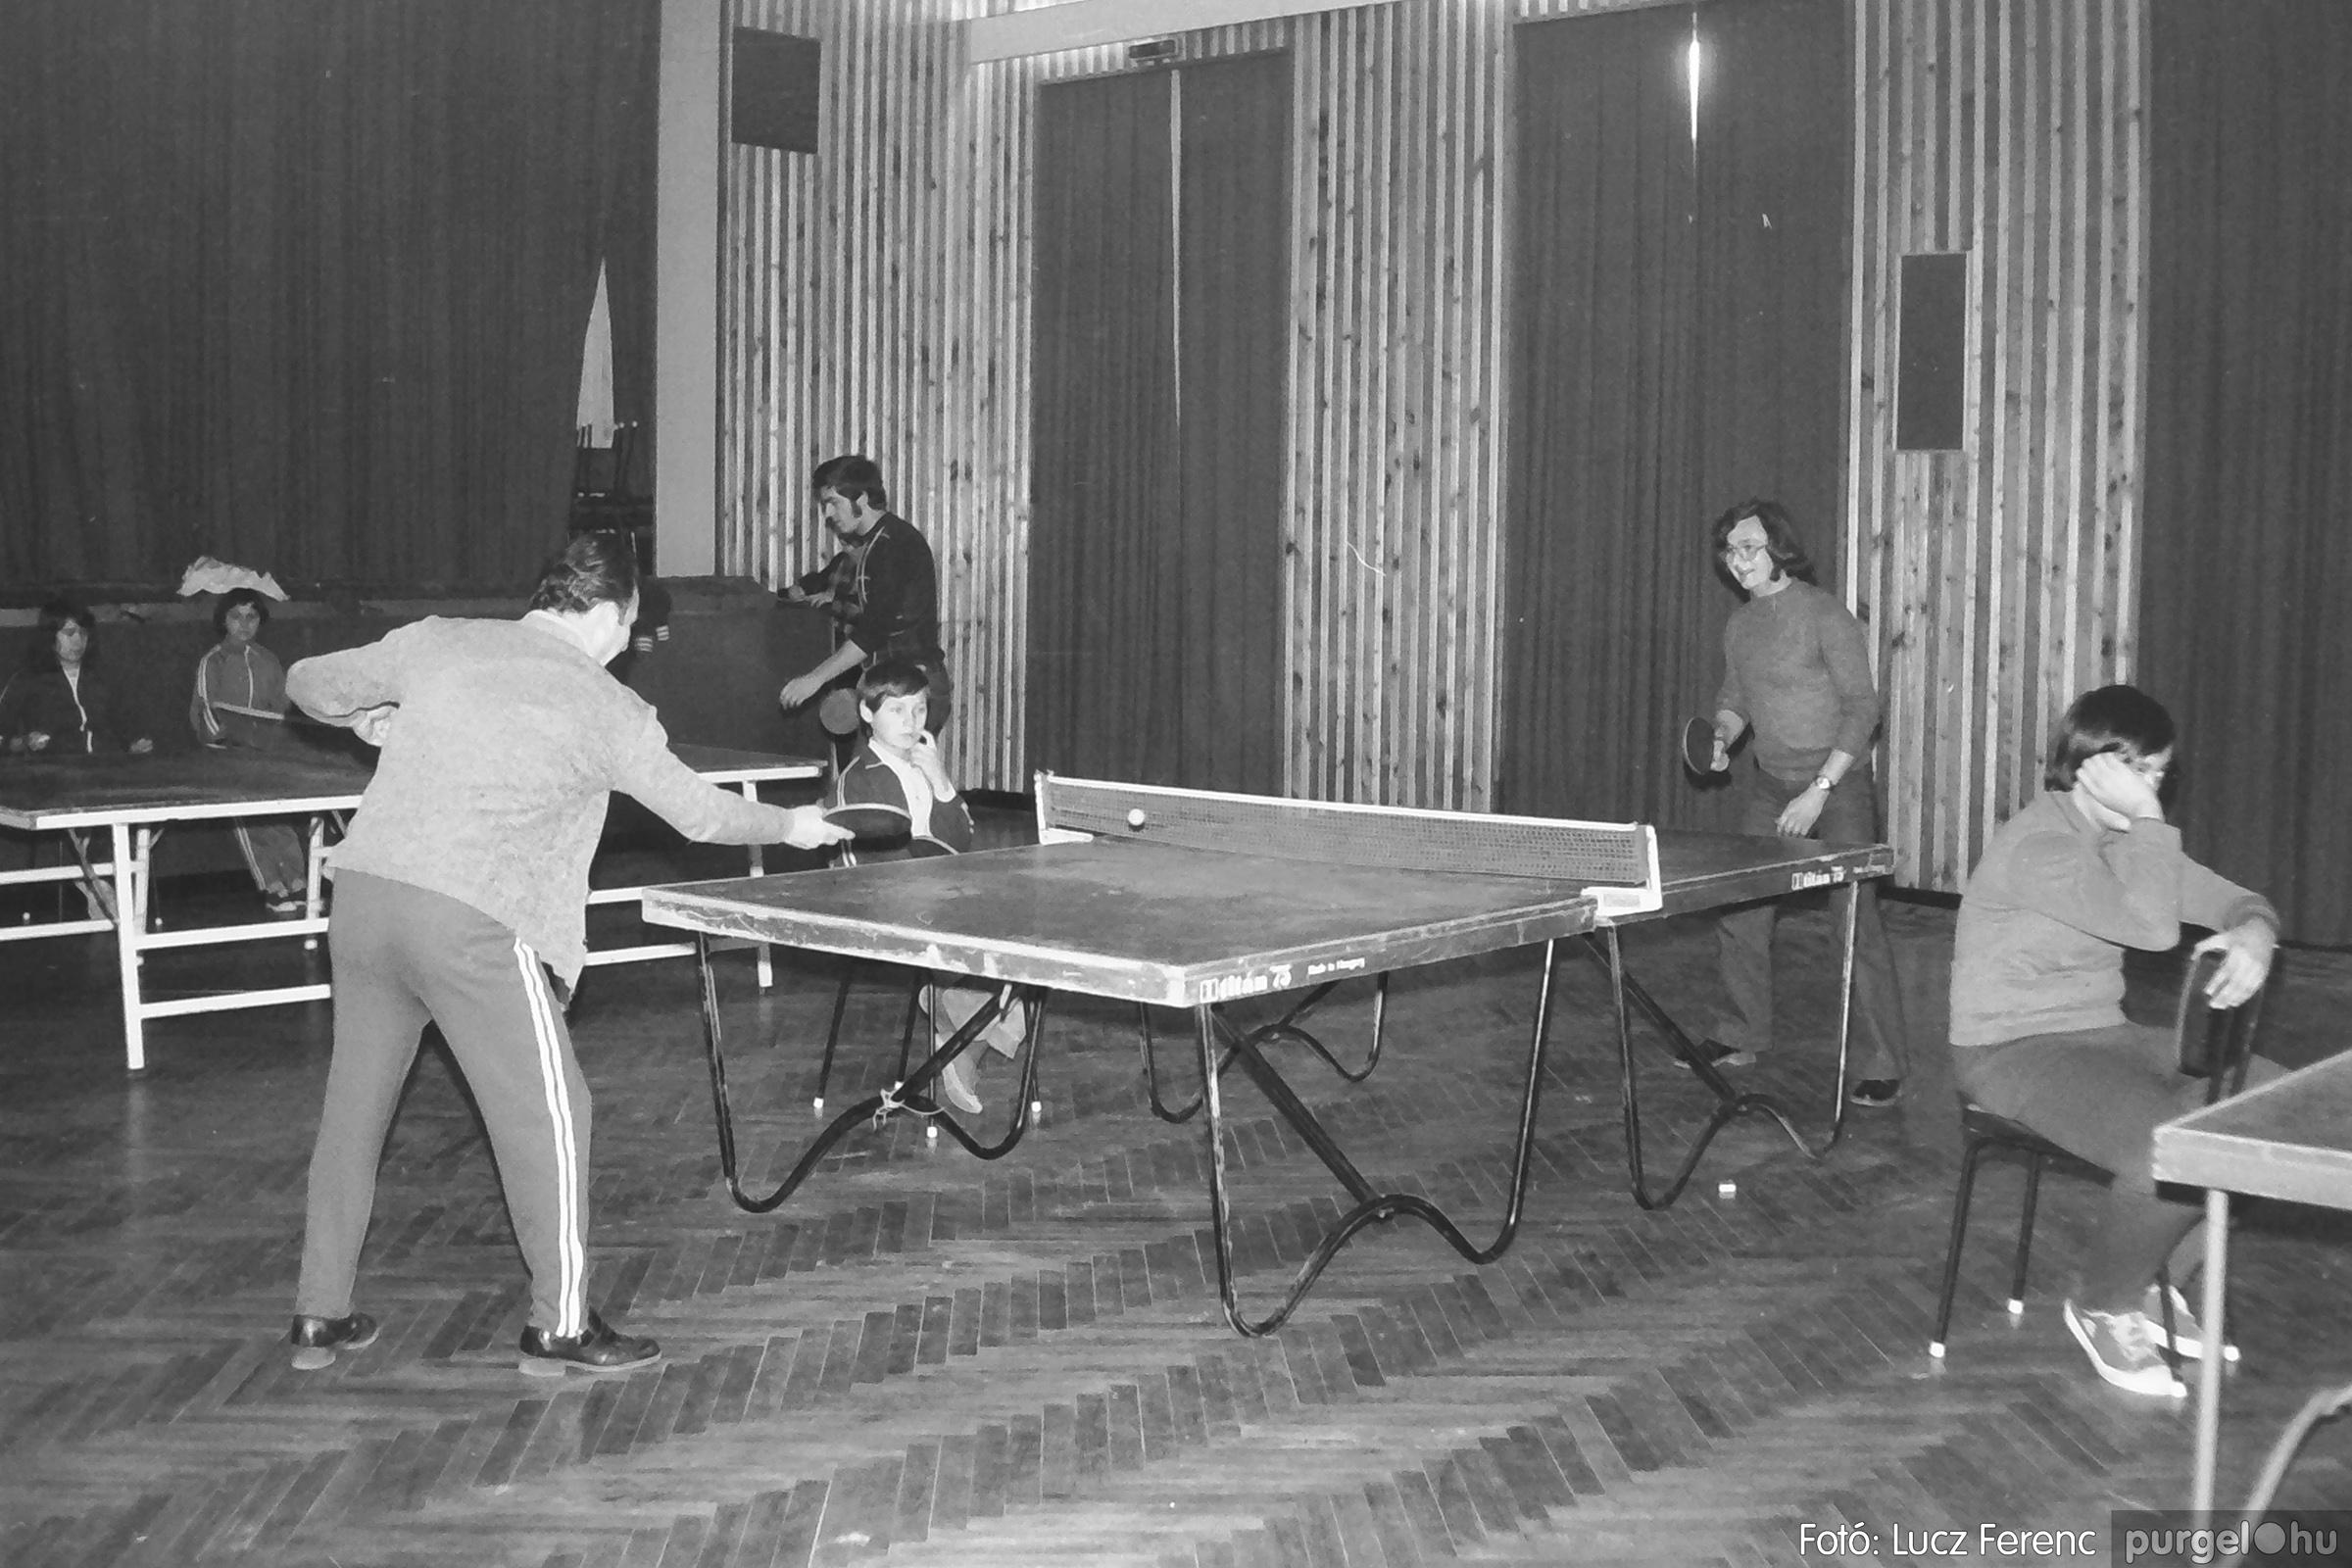 100. 1978. Asztaltenisz verseny 001. - Fotó: Lucz Ferenc.jpg